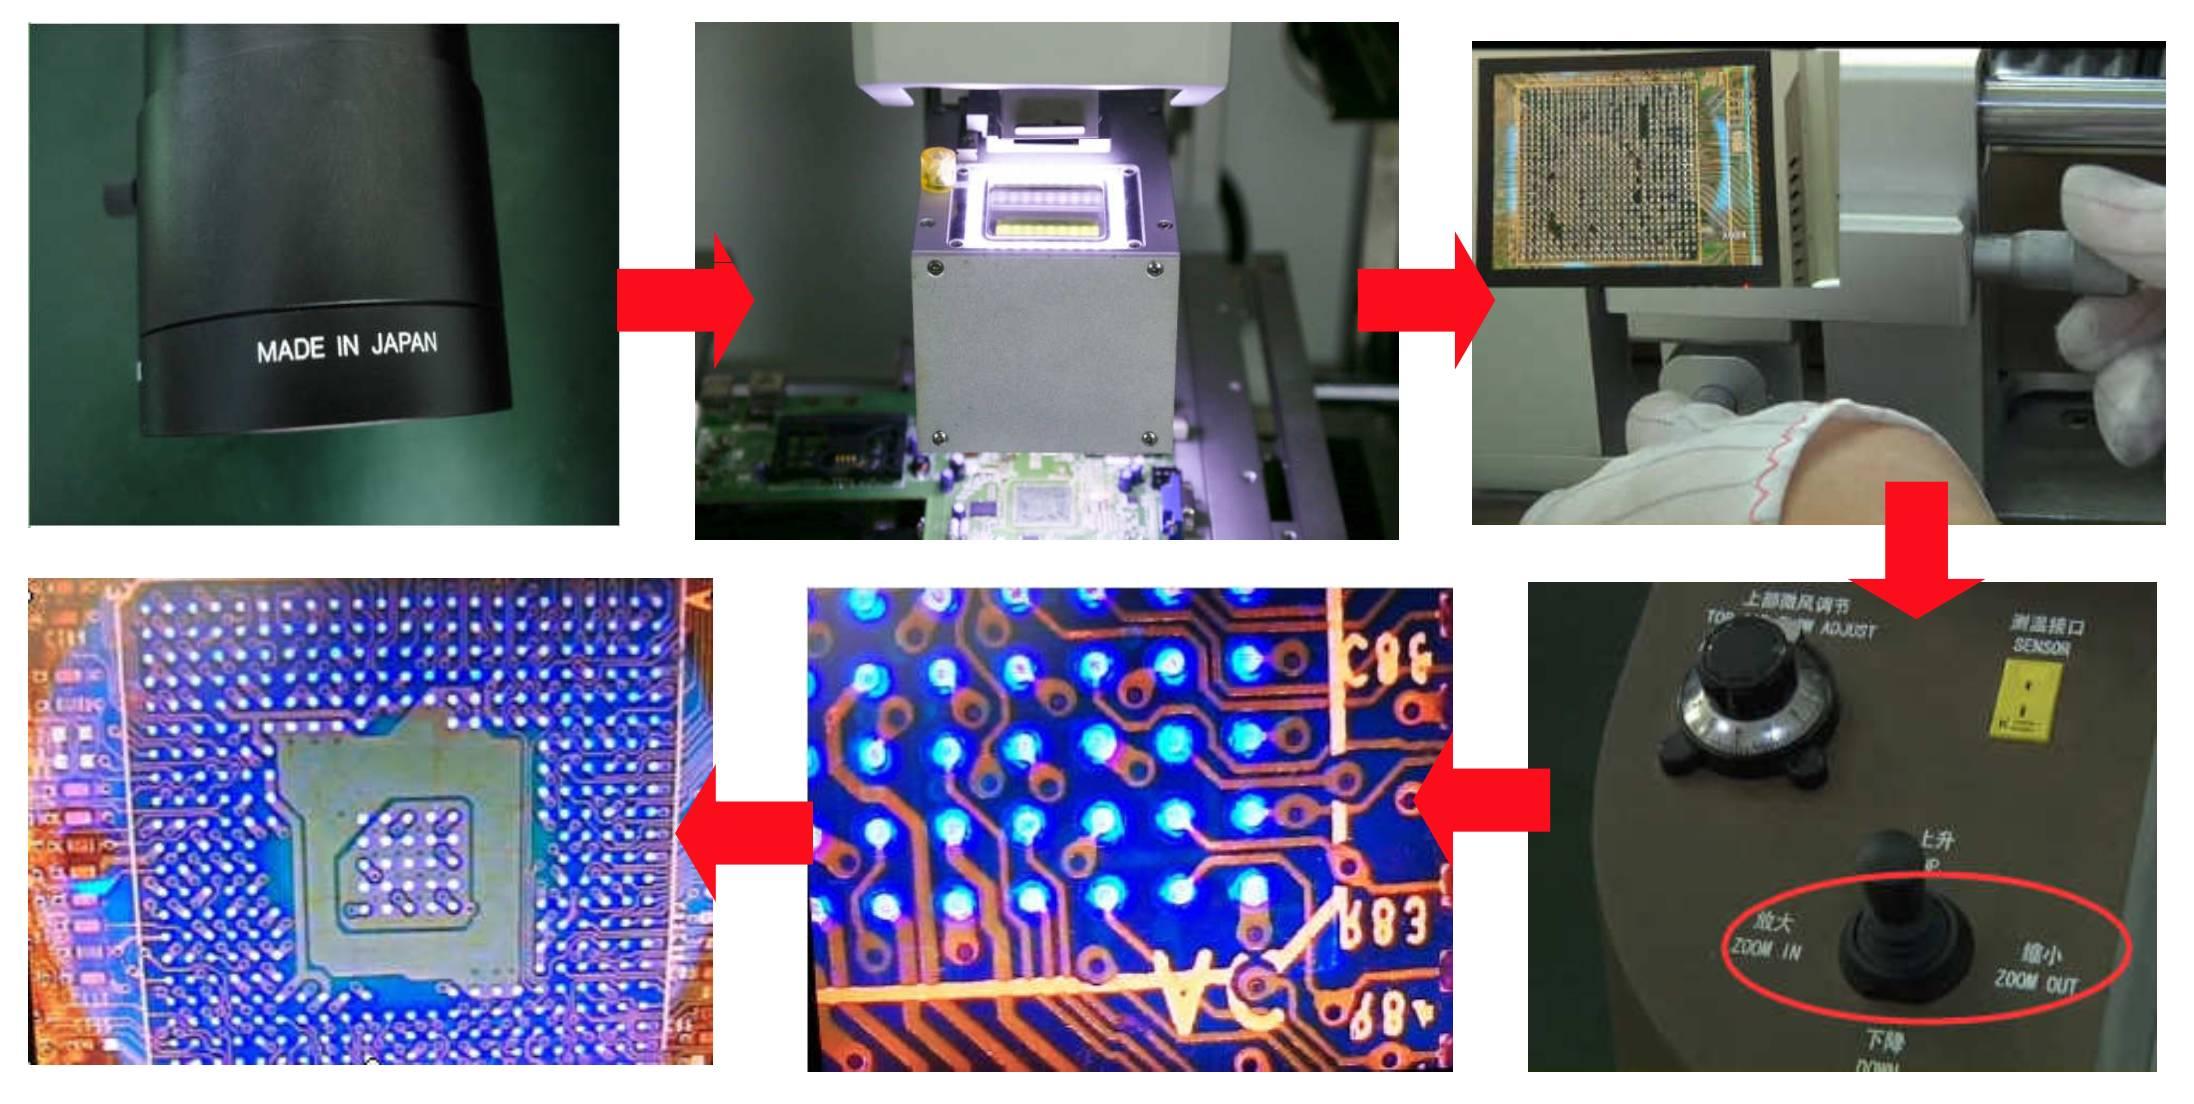 оптическая система позиционирования, Ремонтный центр BGA ZM-R720